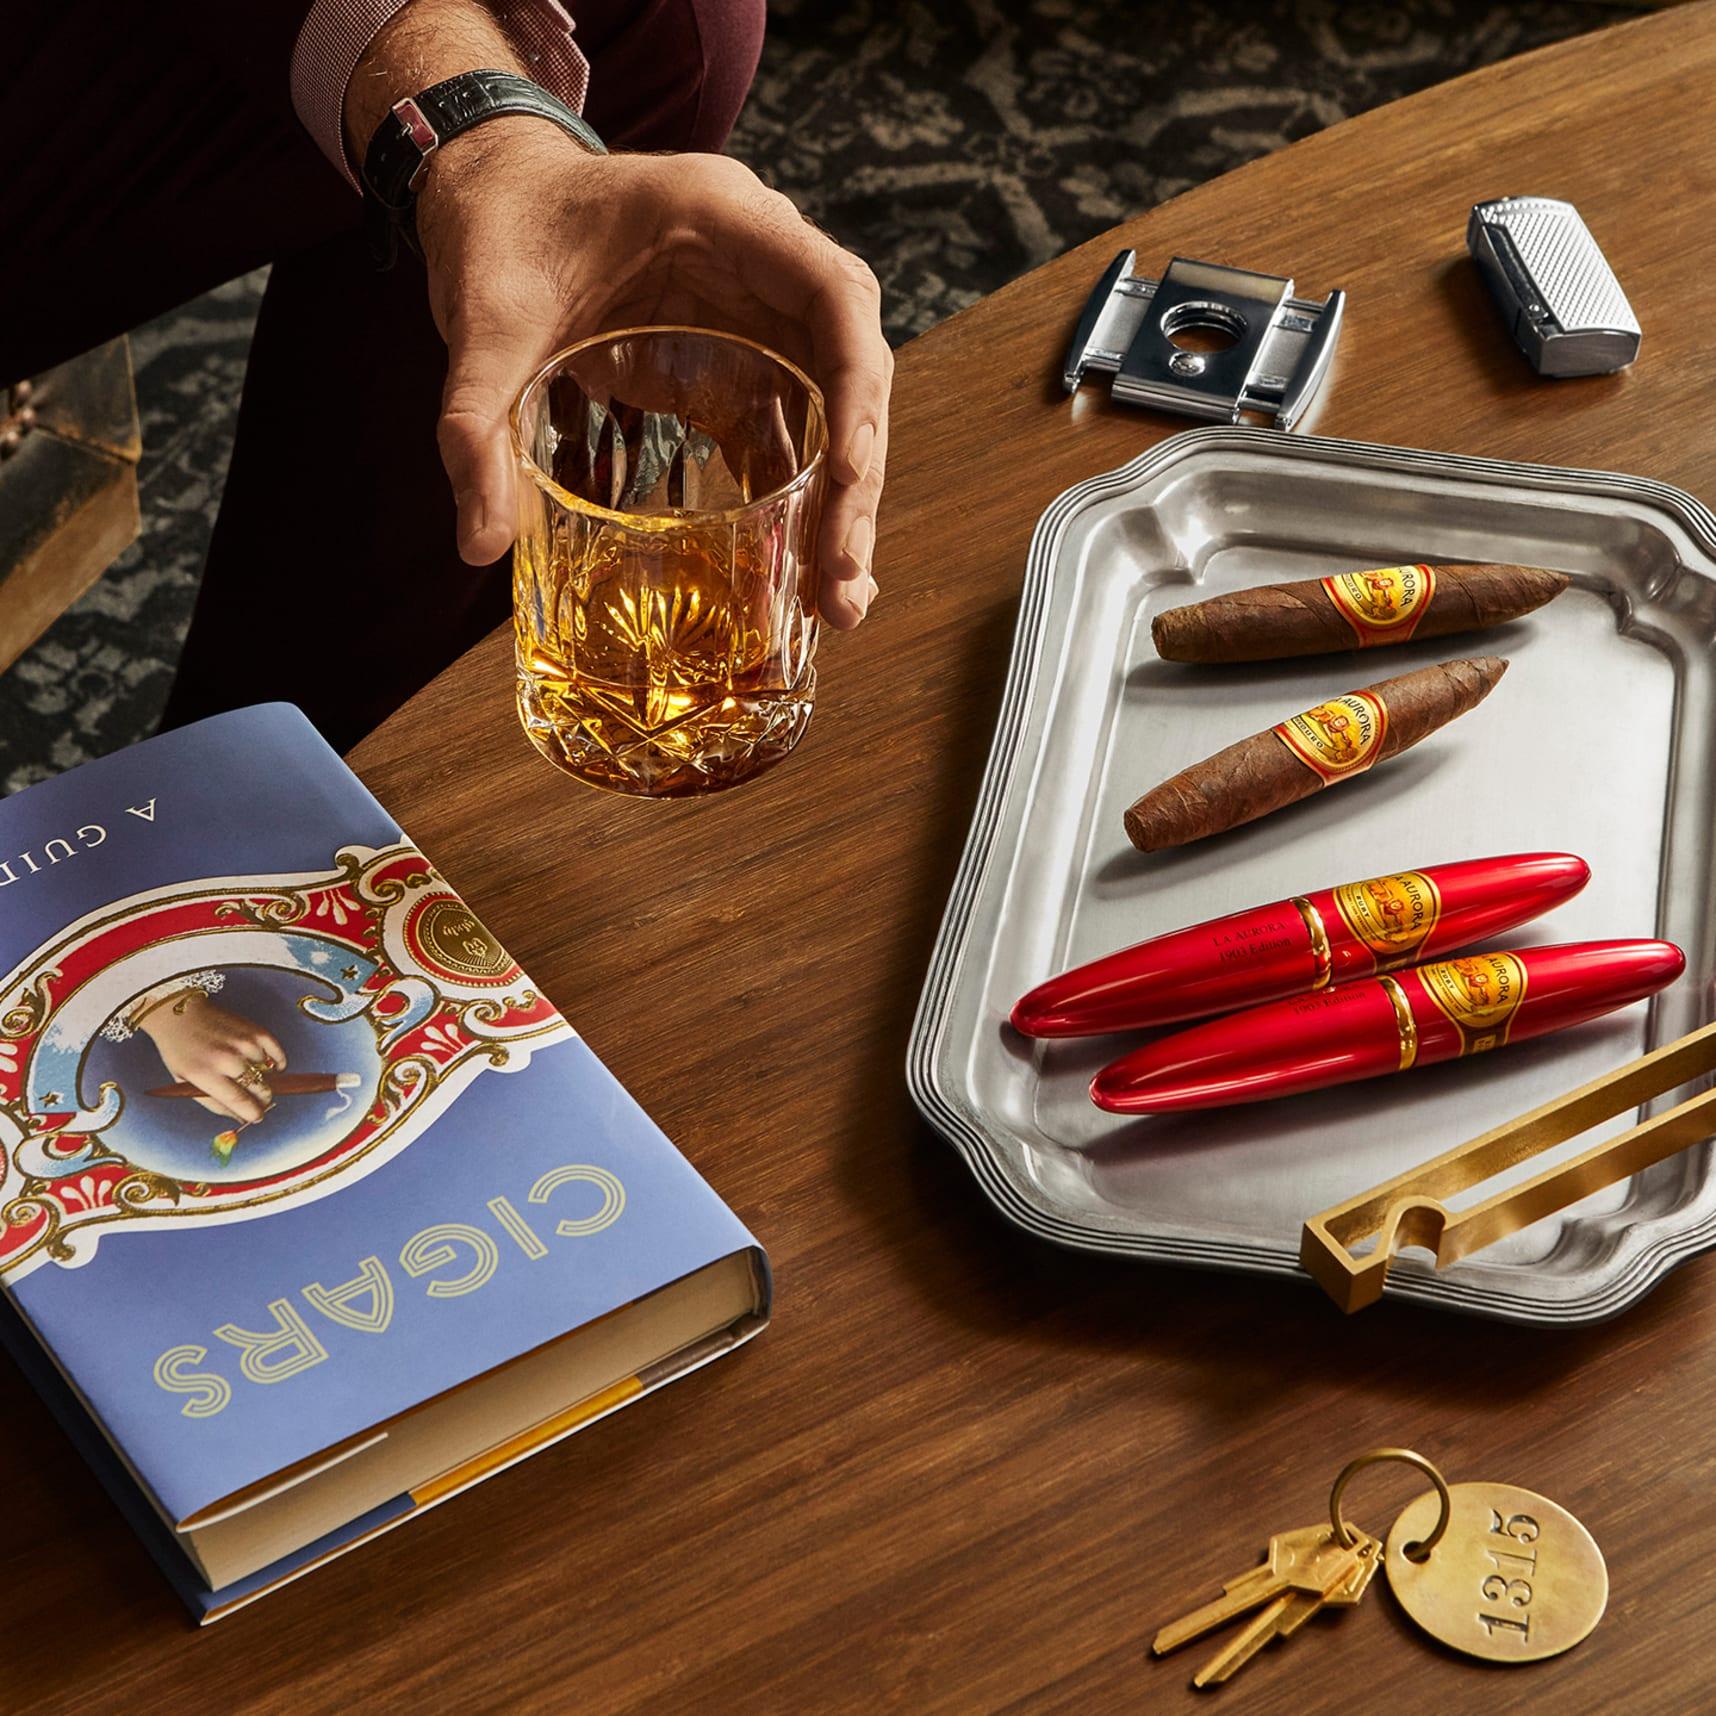 Gros plan du plateau avec des tubes de cigare rouge et la main de l'homme tenant le verre de bourbon à côté du livre de cigares